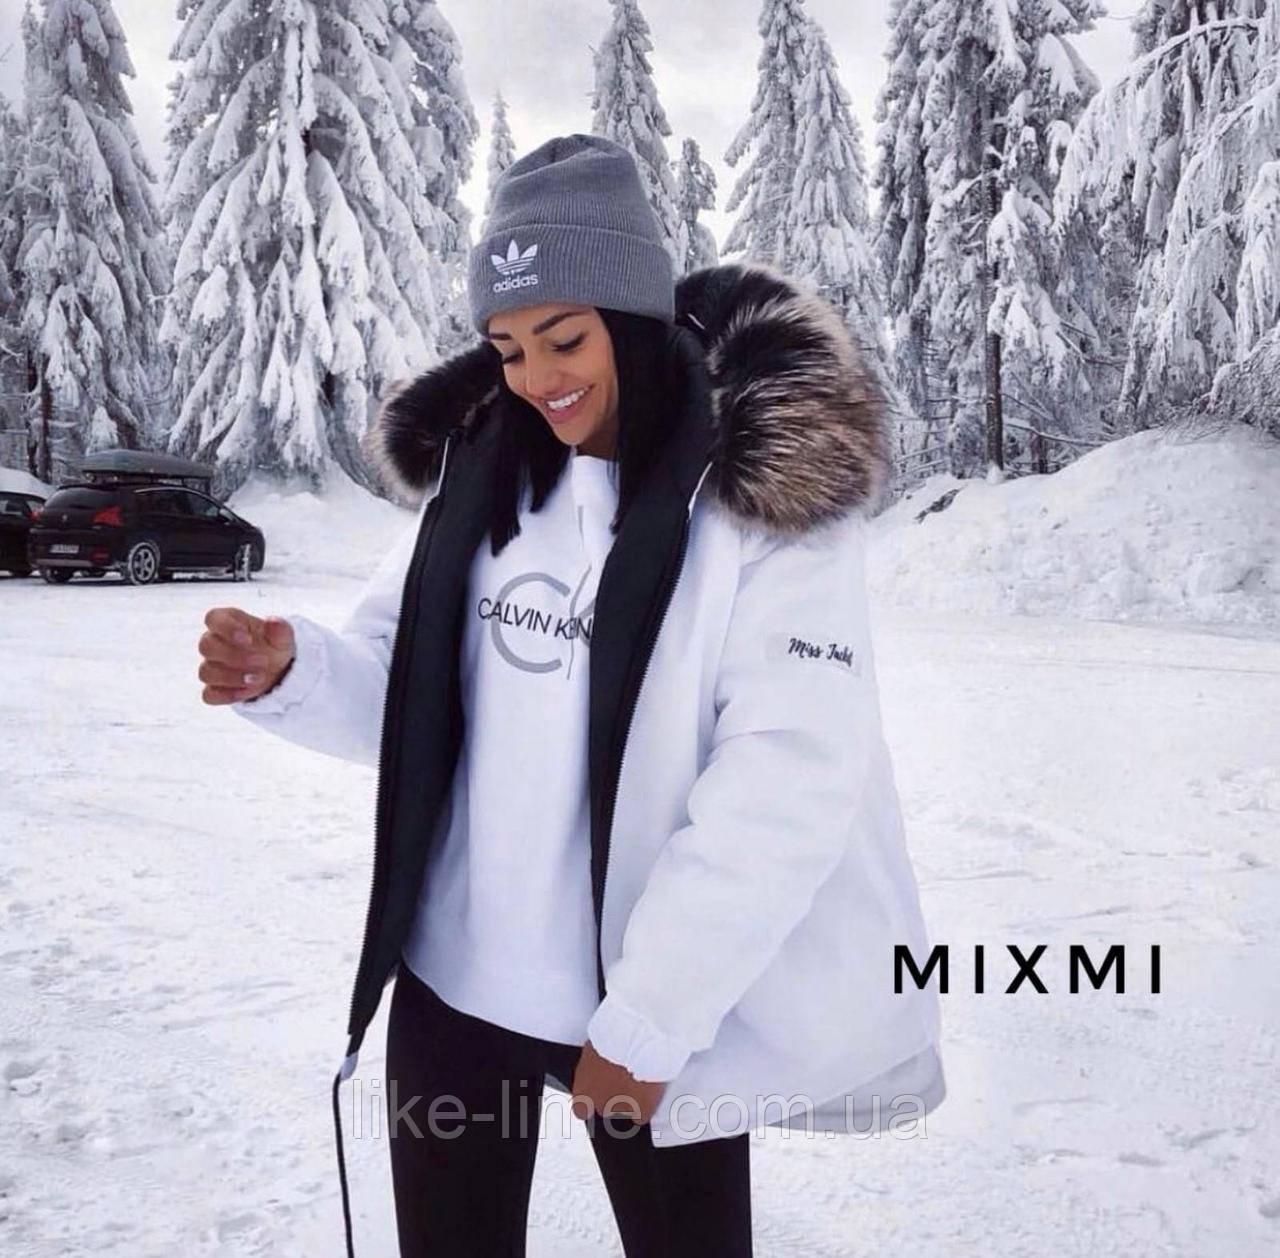 Жіноча зимова куртка-парку з хутром